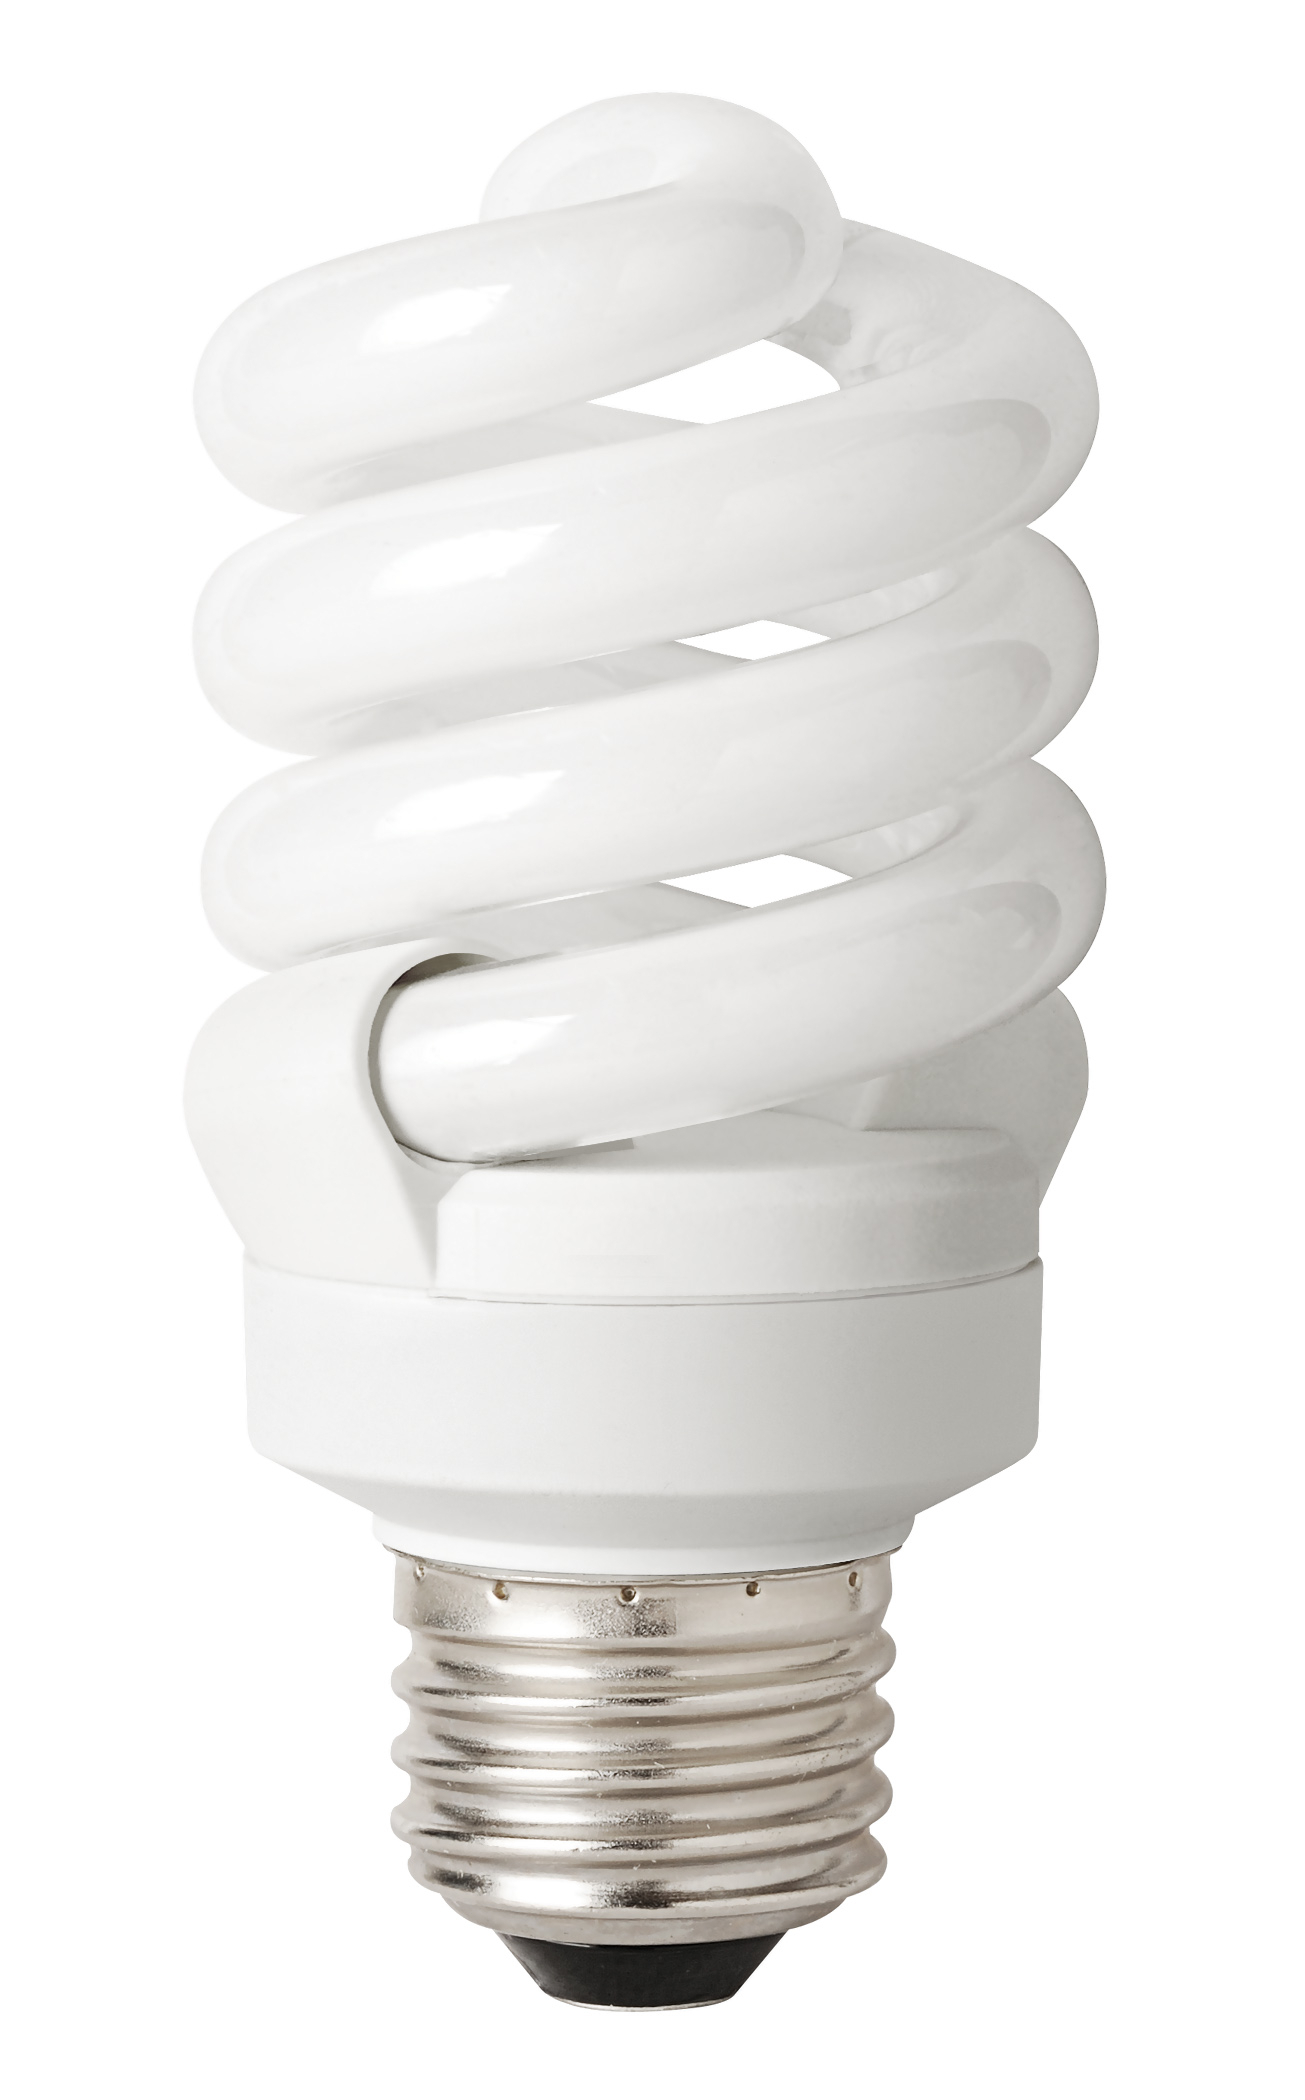 Circline Fluorescent Light Bulb Fixture